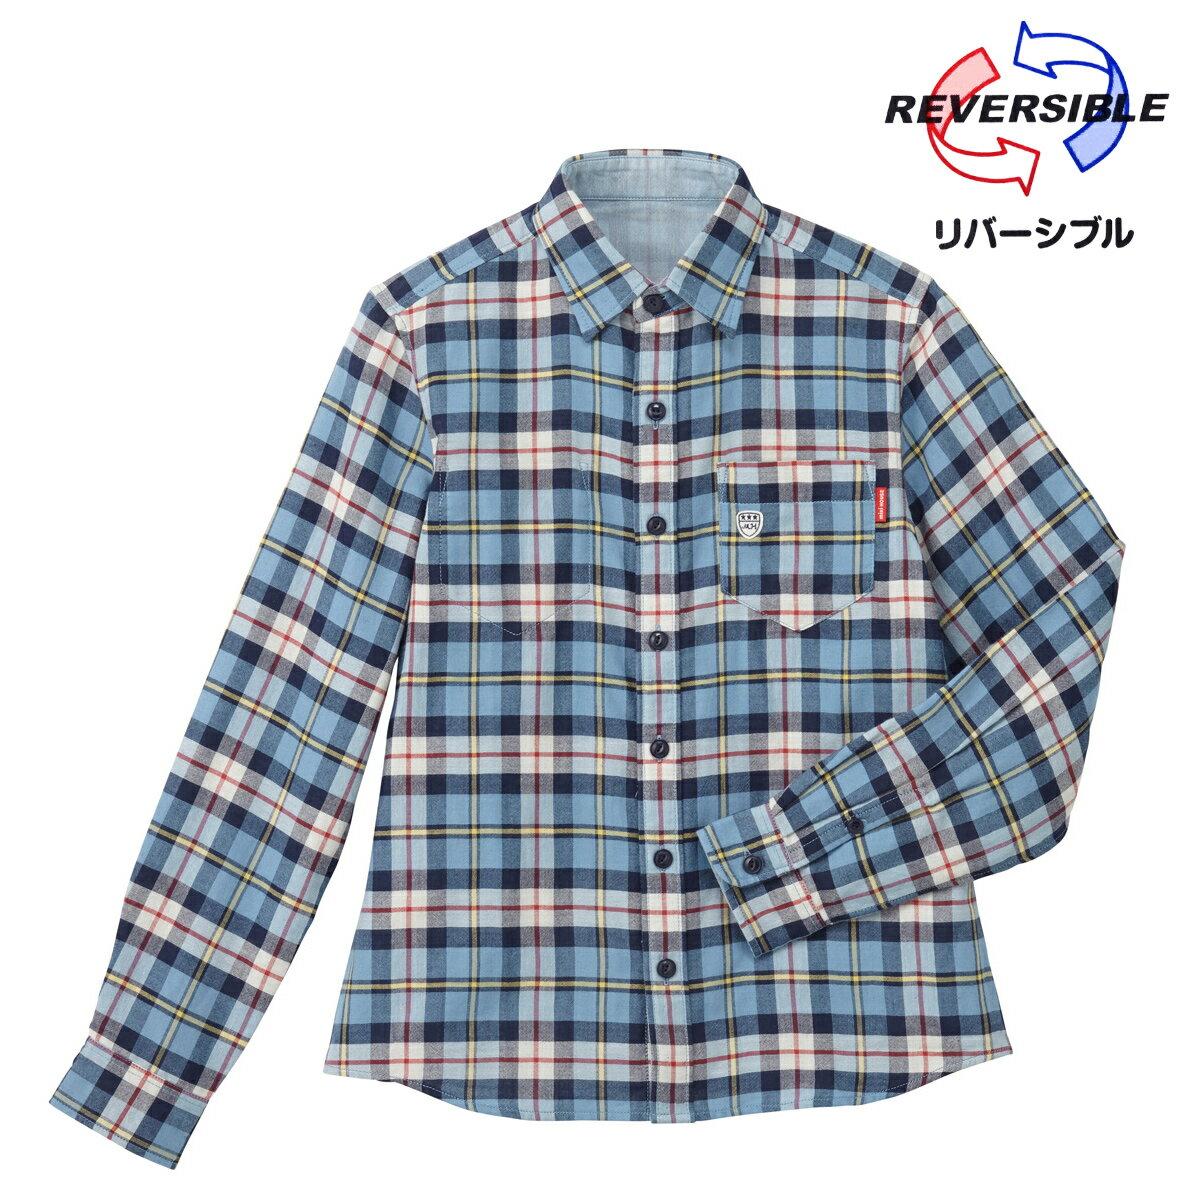 公式ショップ【ミキハウス】リバーシブル長袖チェックシャツ(大人用)〈M-L(165cm-185cm)〉